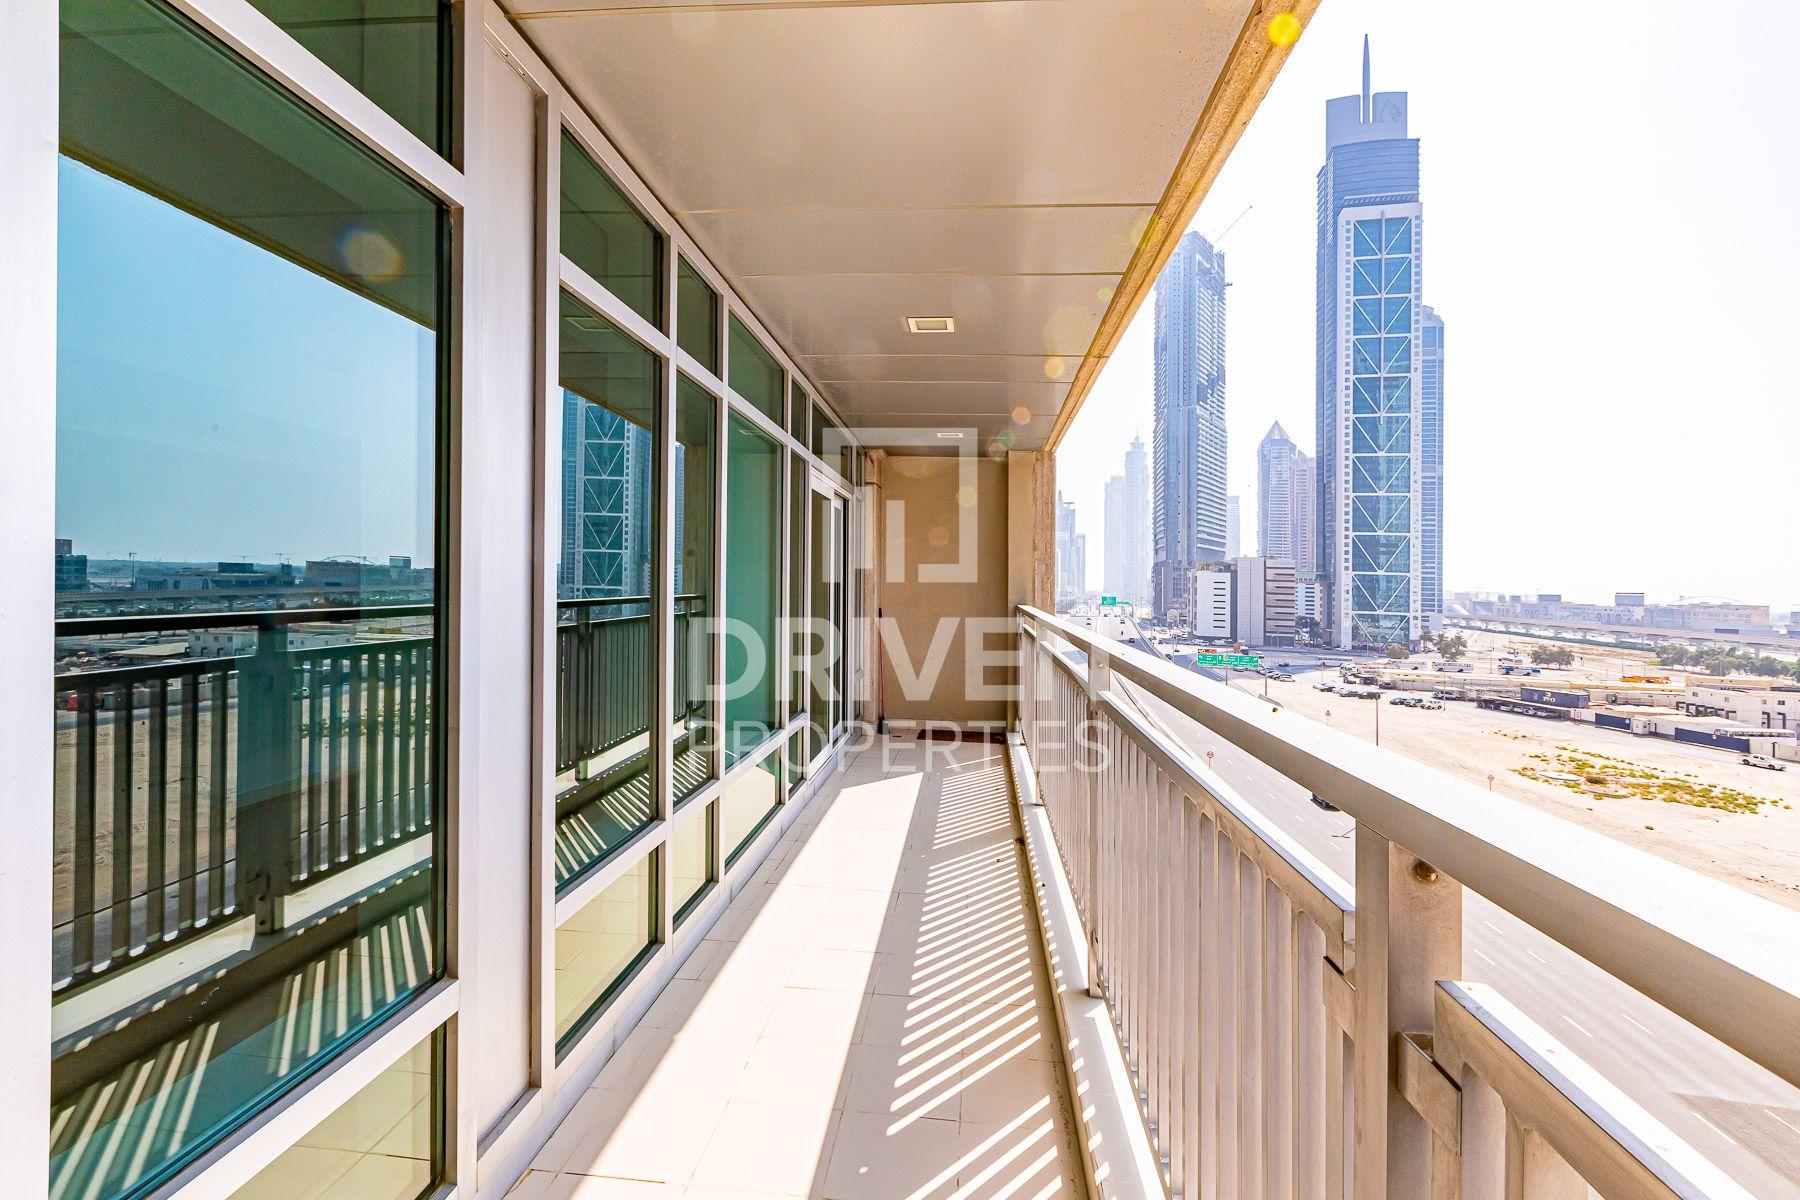 للايجار - شقة - لوفتس إيست - دبي وسط المدينة